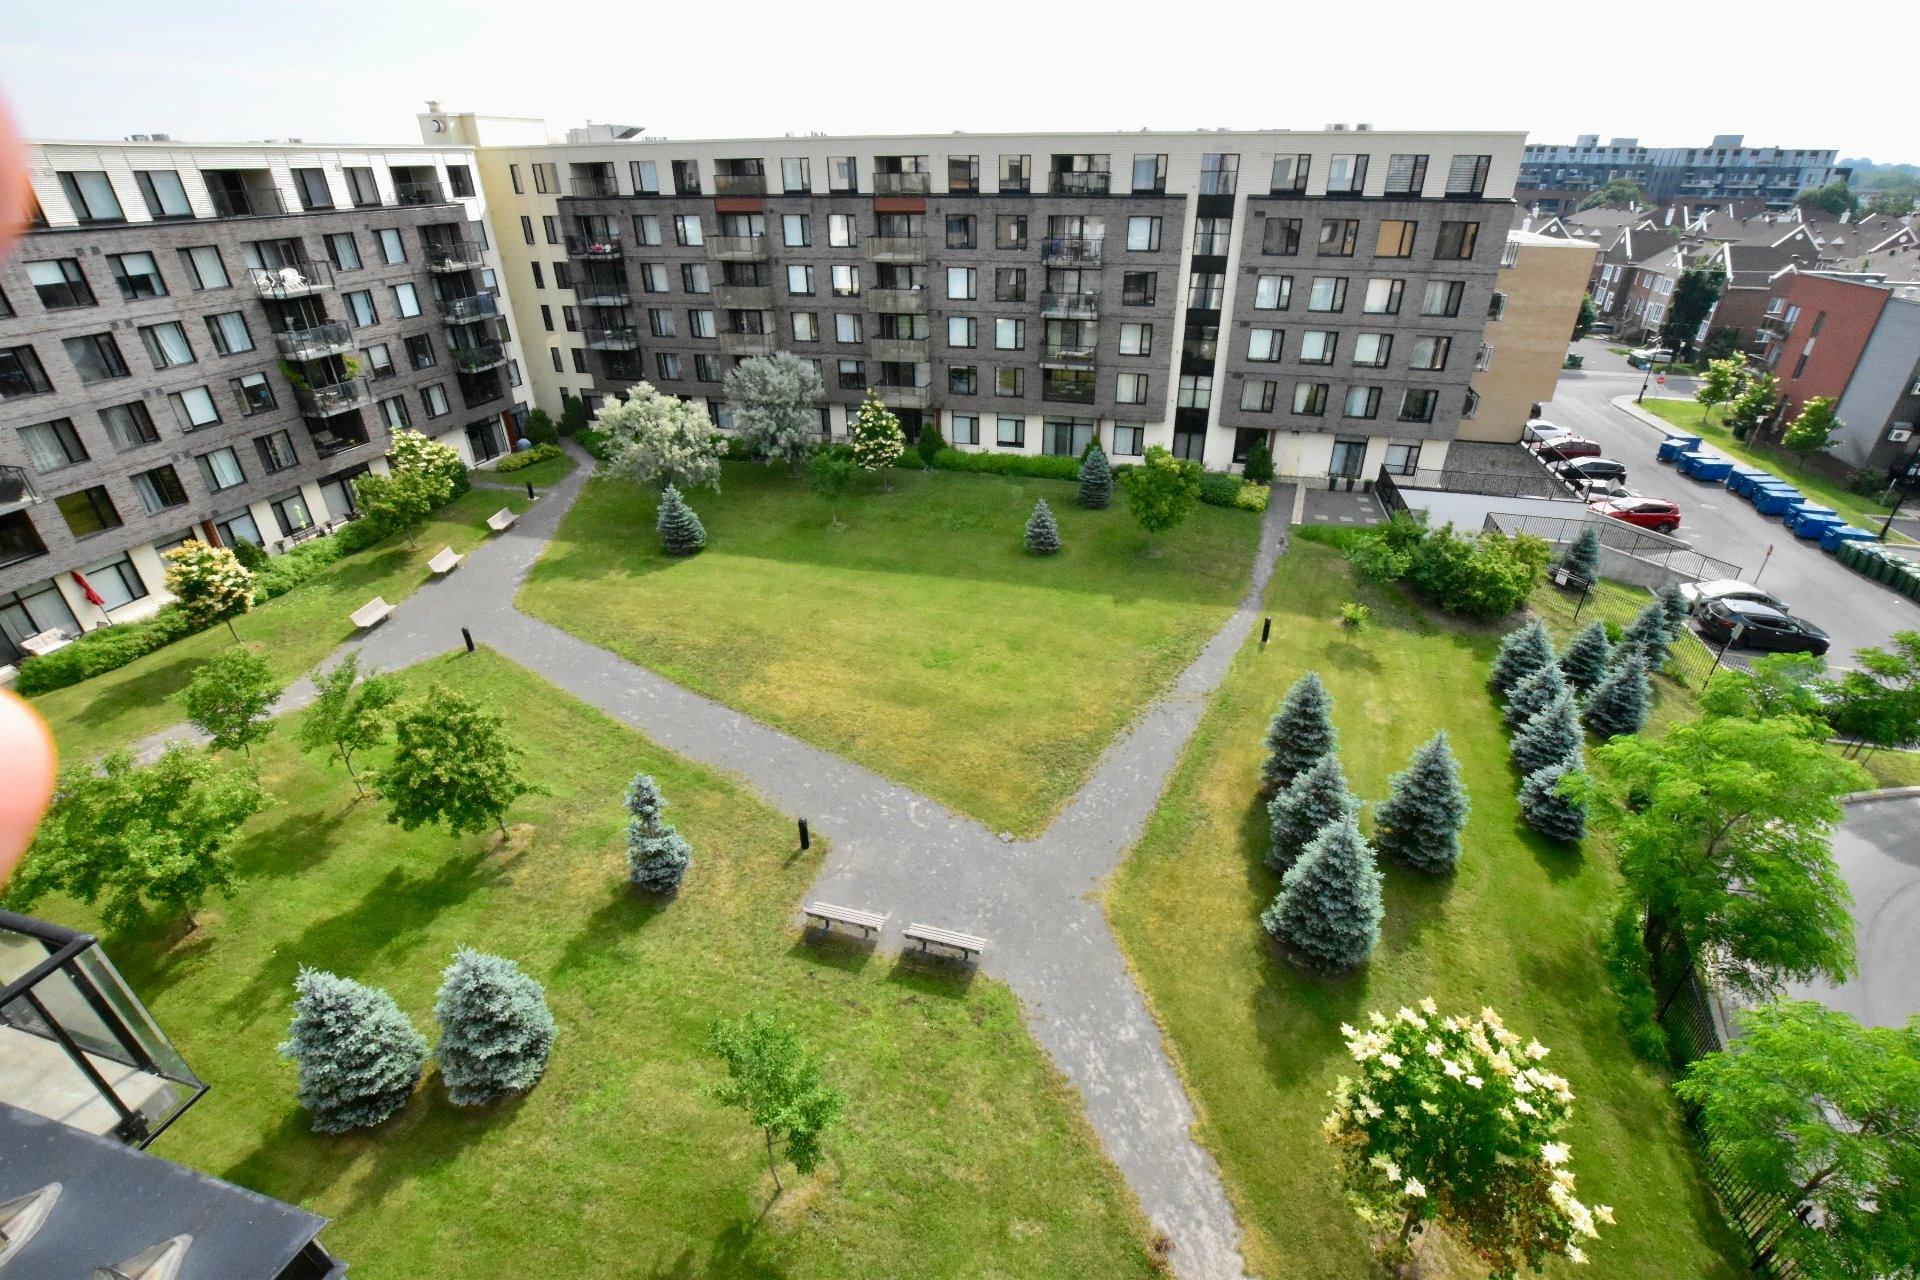 image 13 - Appartement À louer Lachine Montréal  - 6 pièces